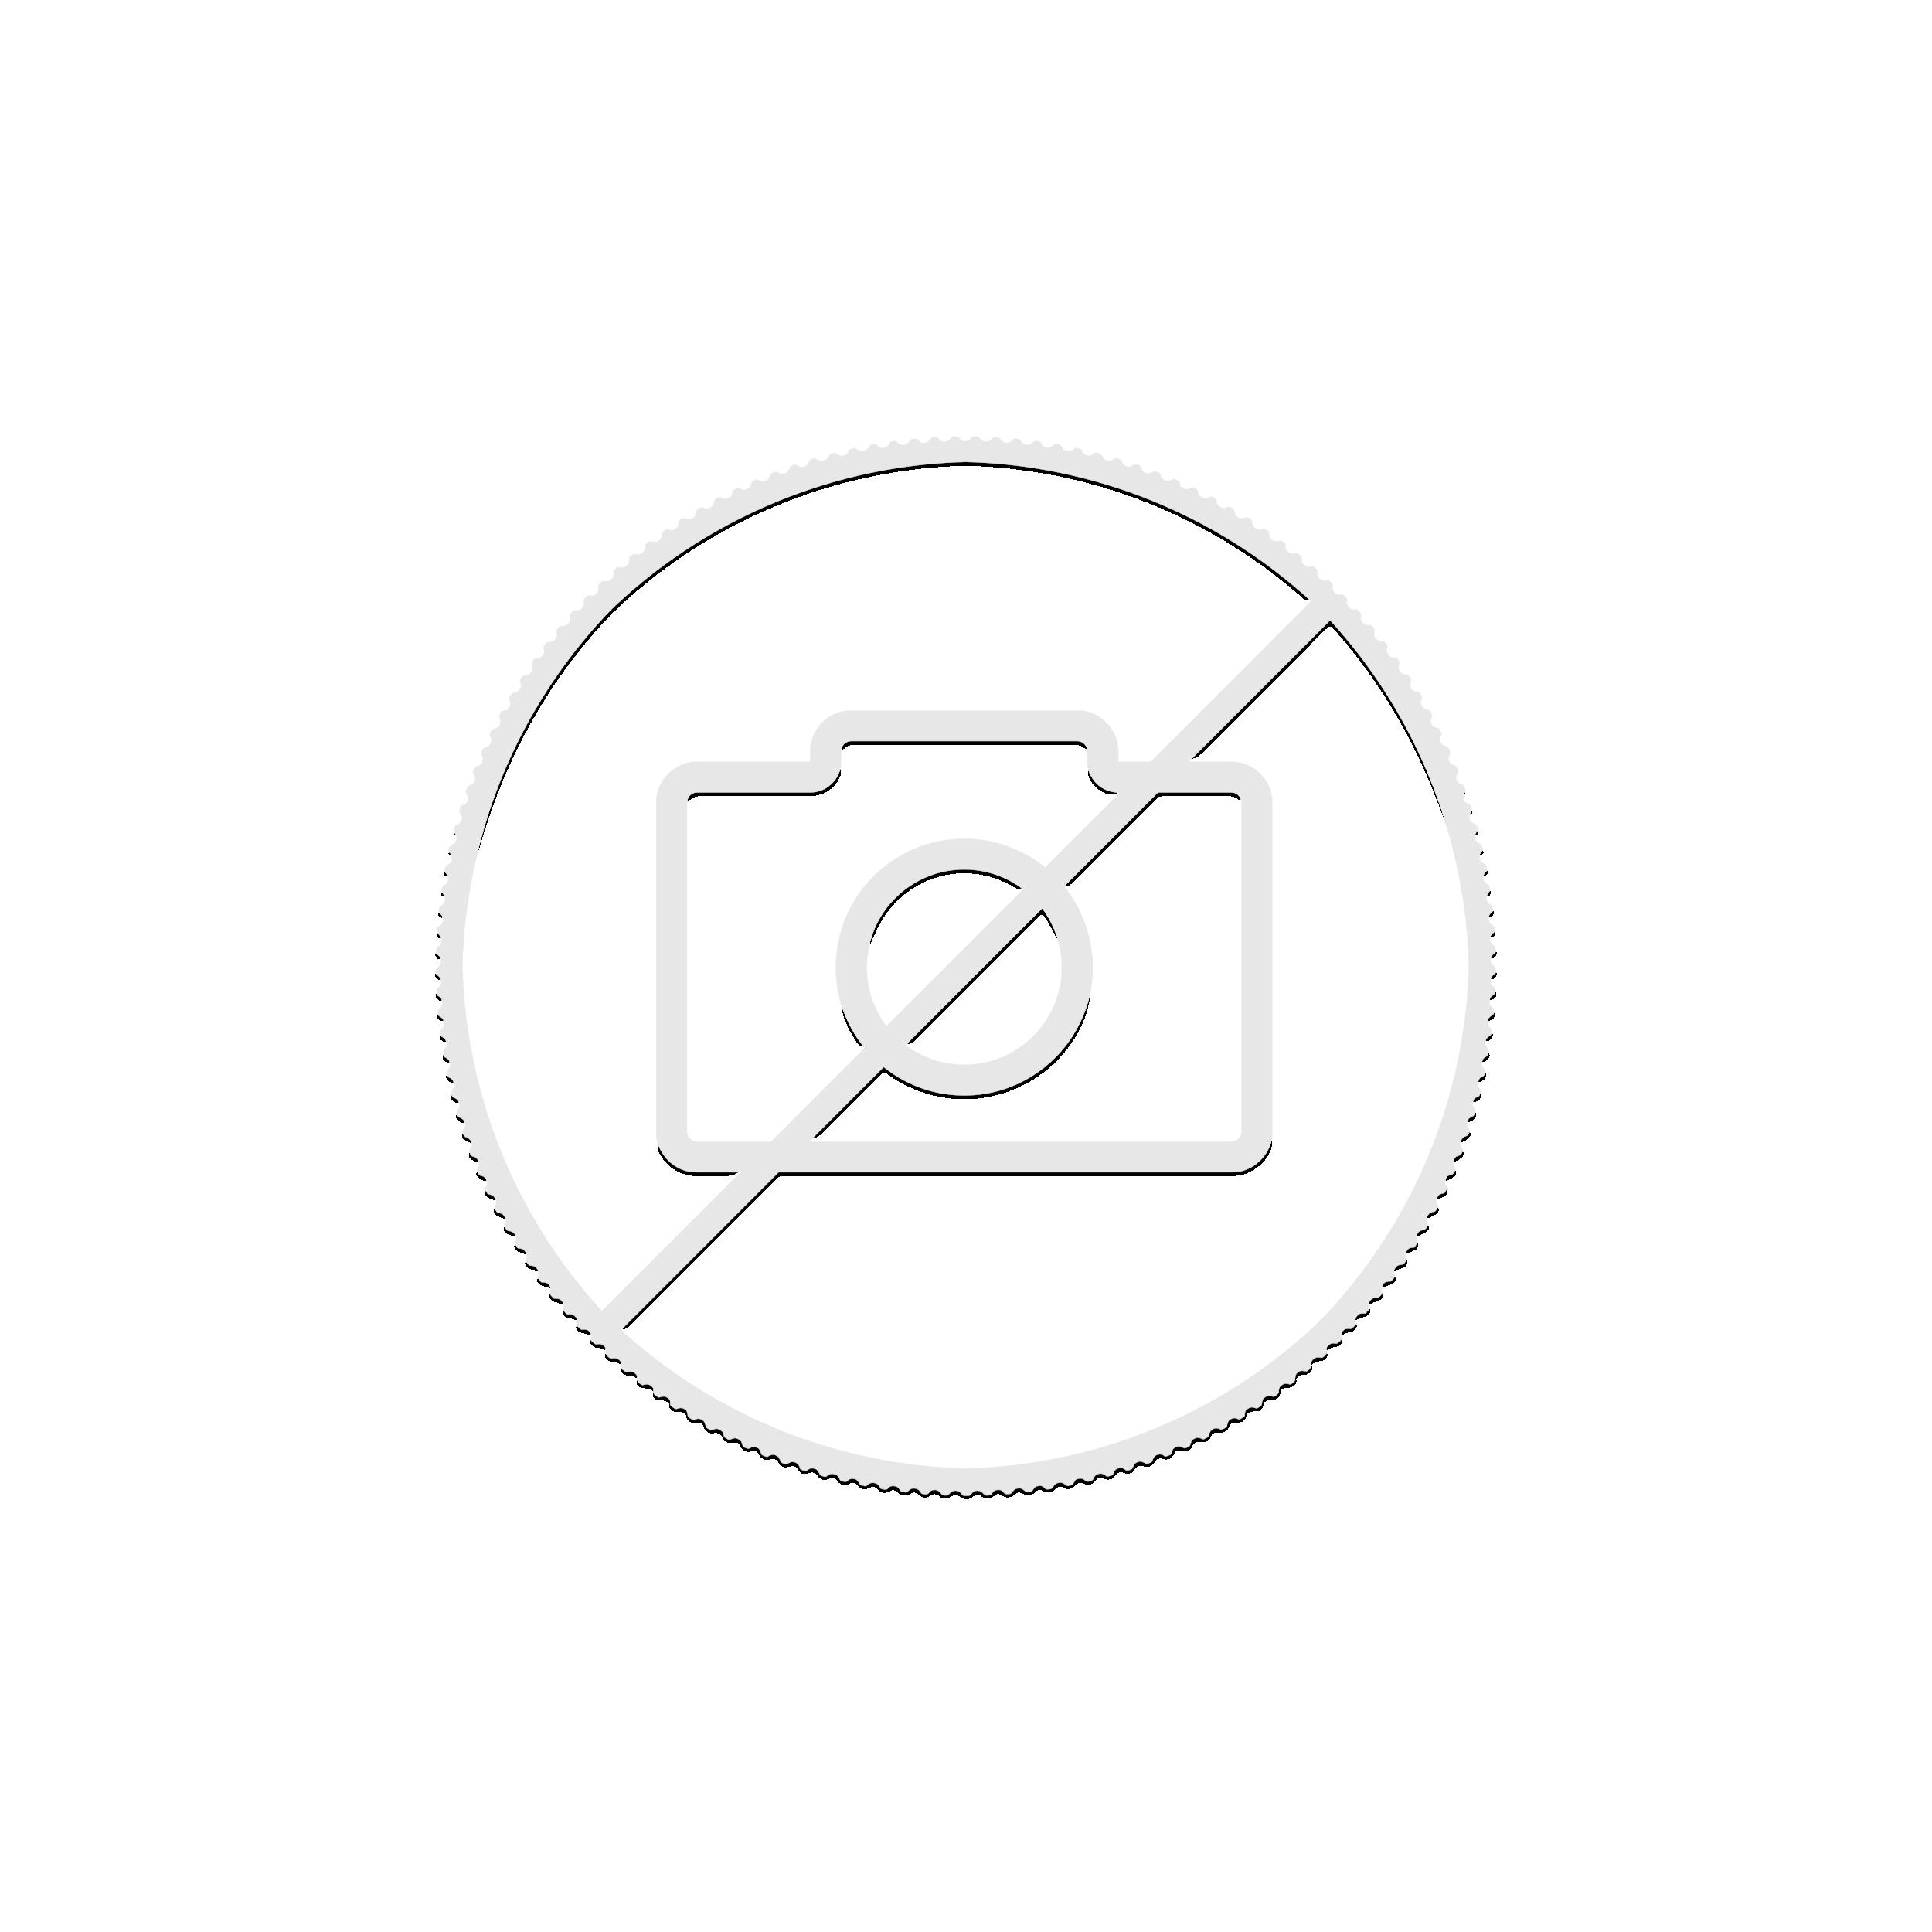 Goudbaar Umicore 1 troy ounce